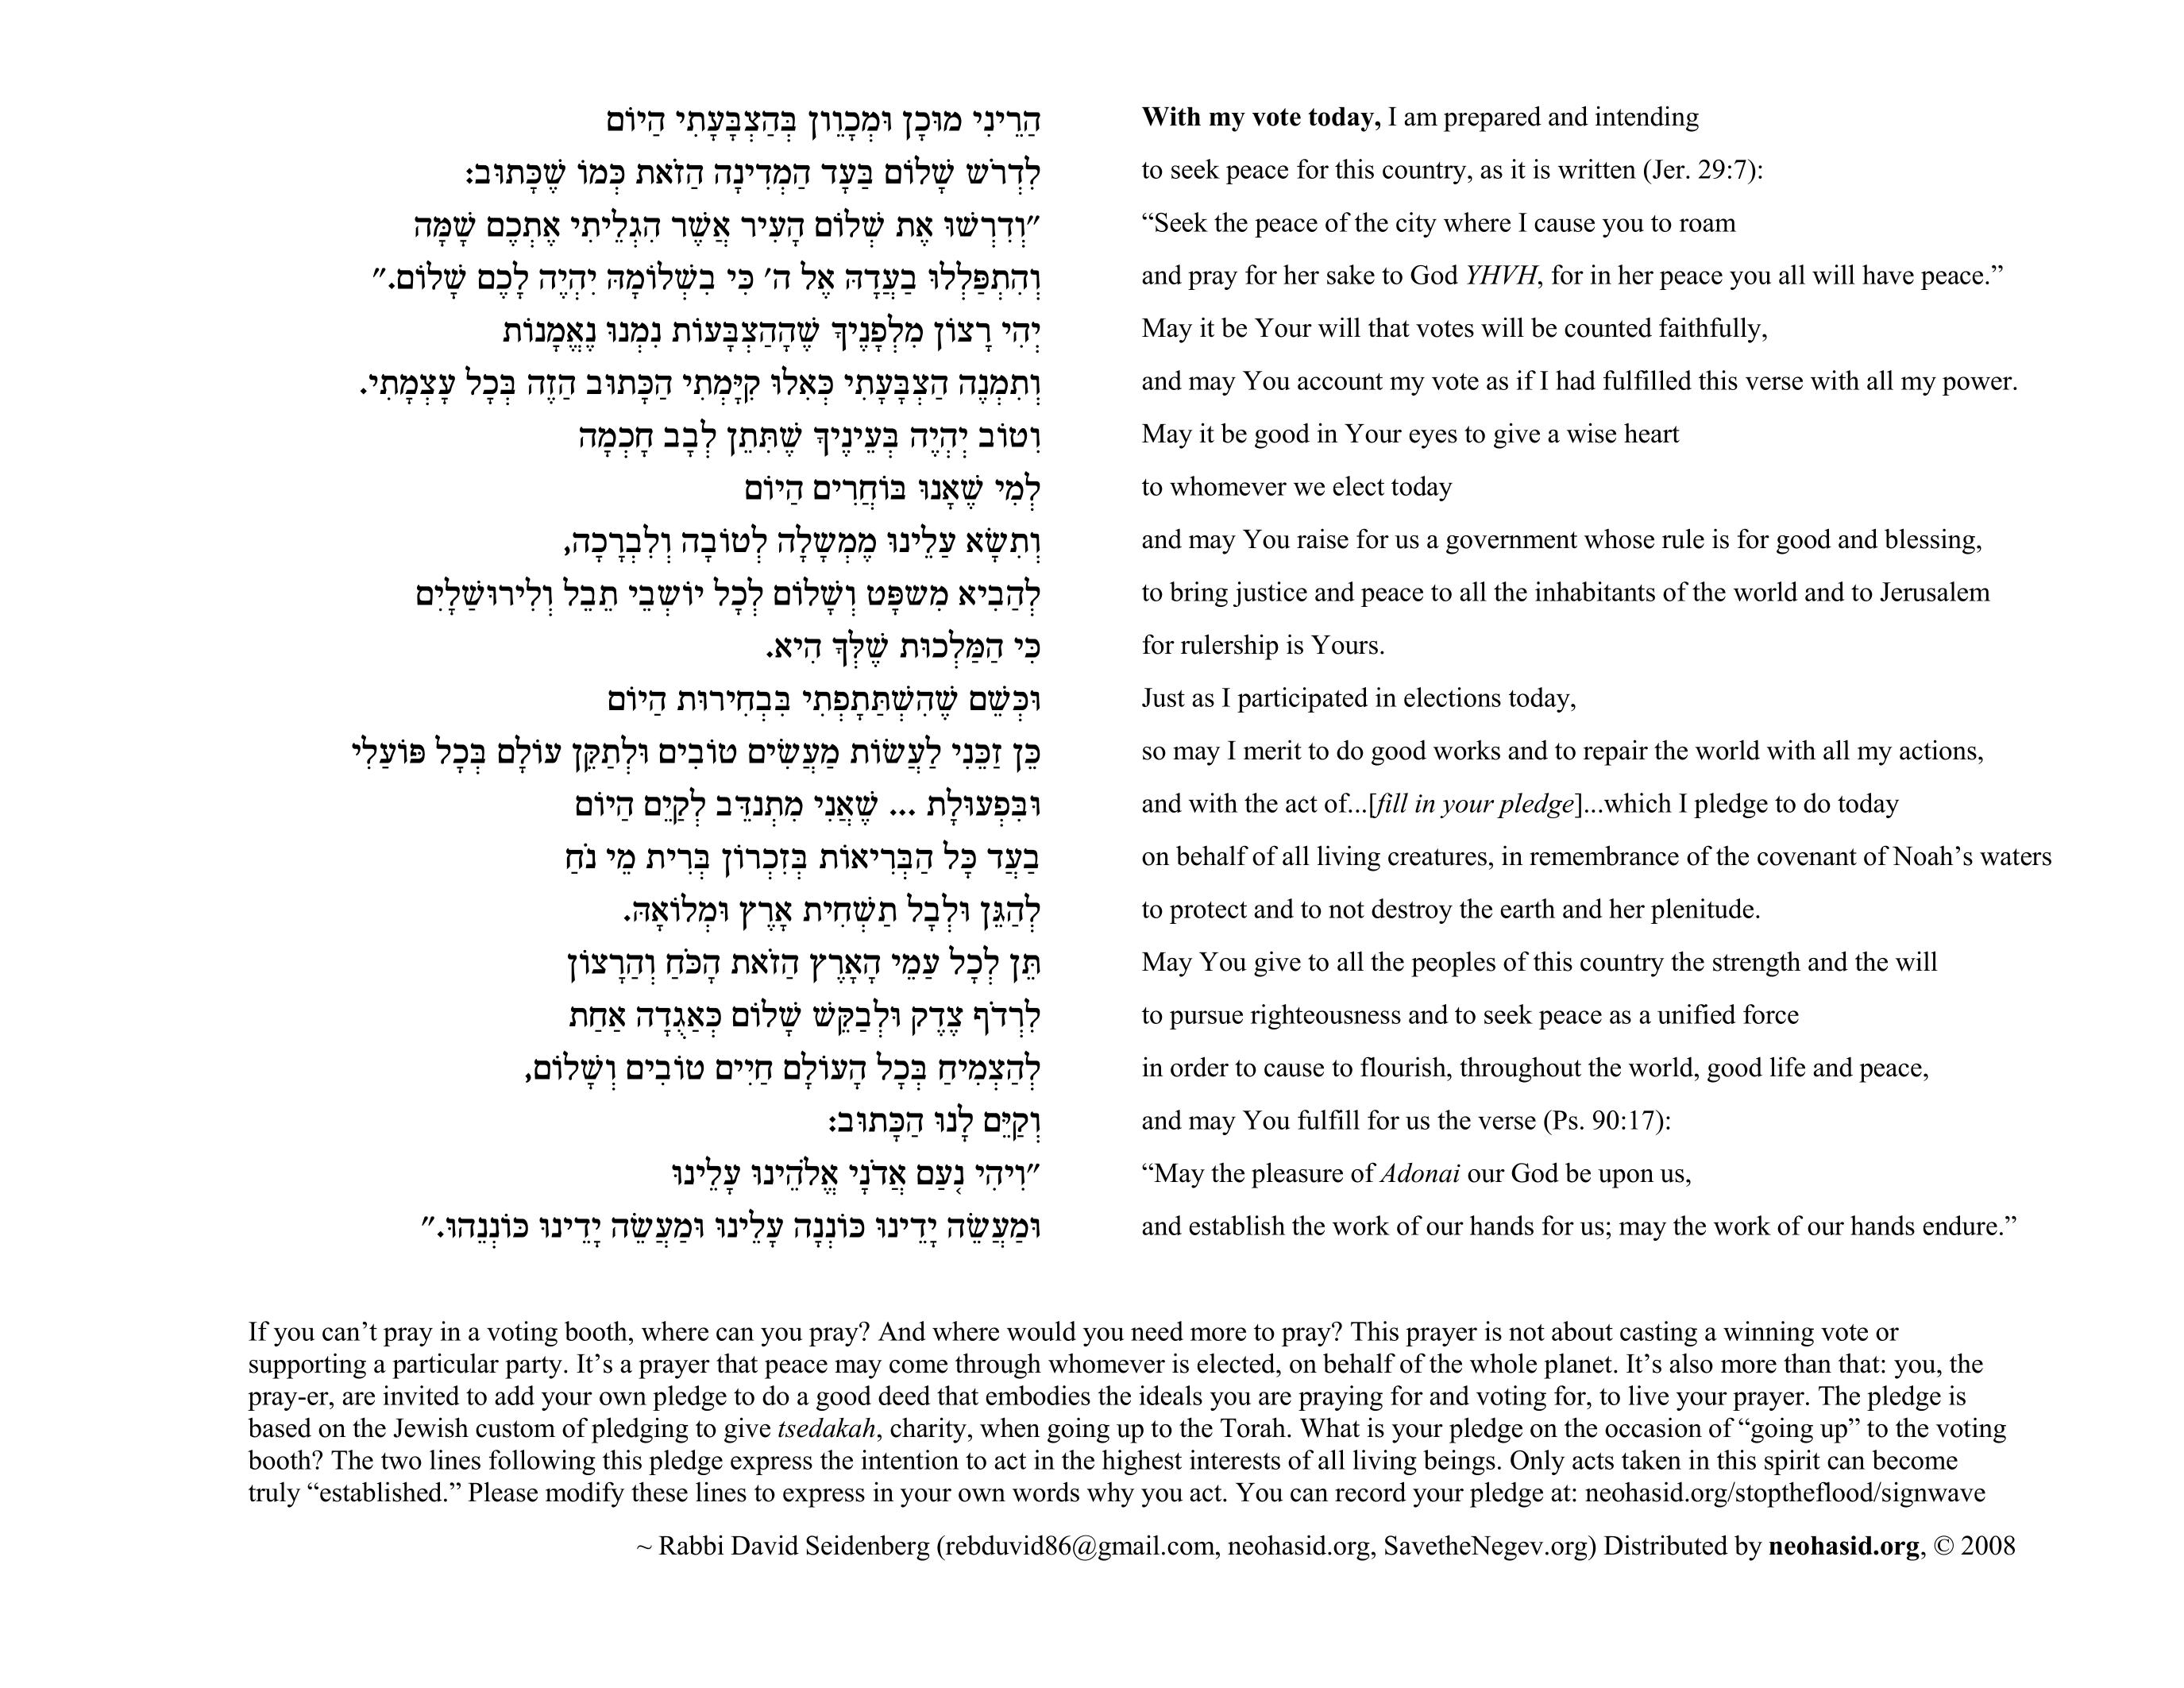 NeoHasid org | A Prayer For Voting